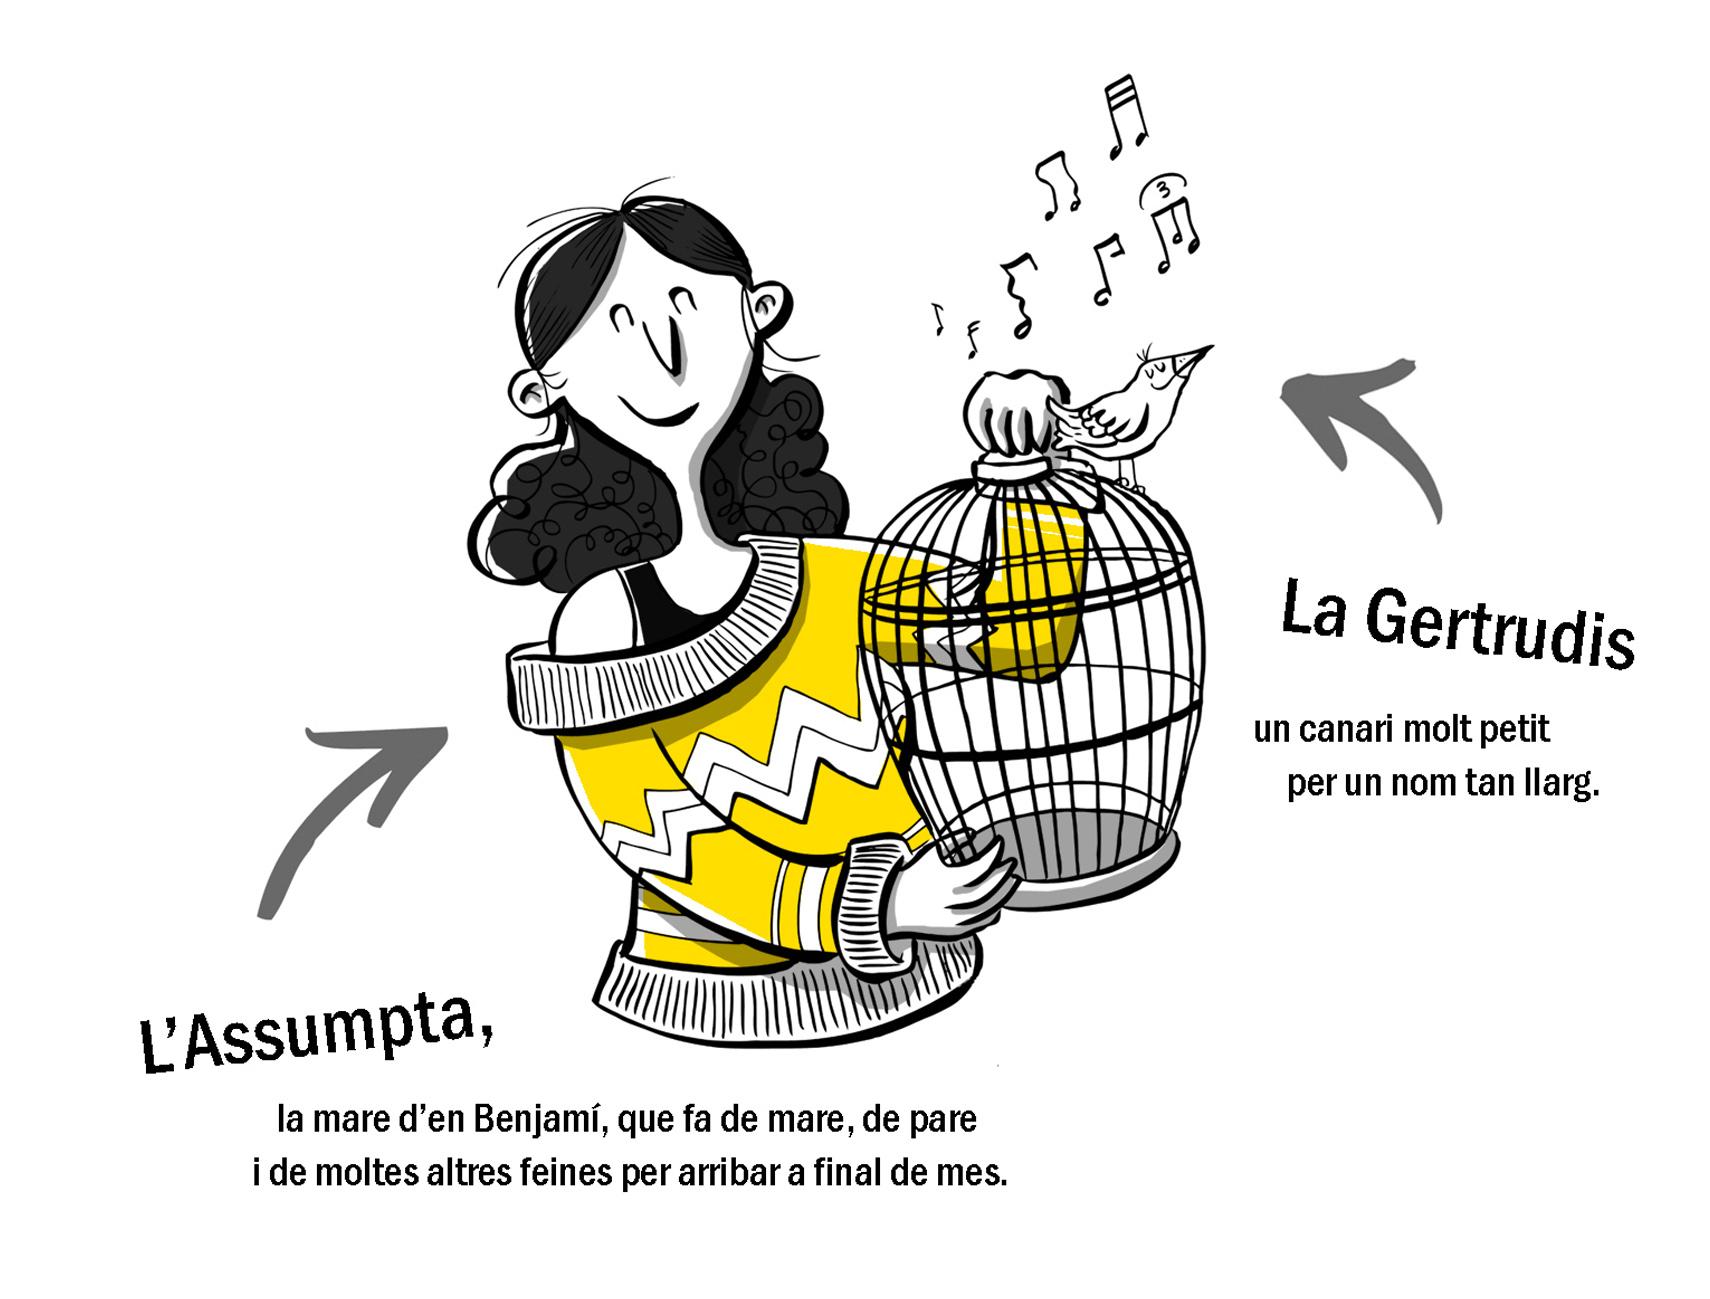 L´Assumpta i la Gertrudis